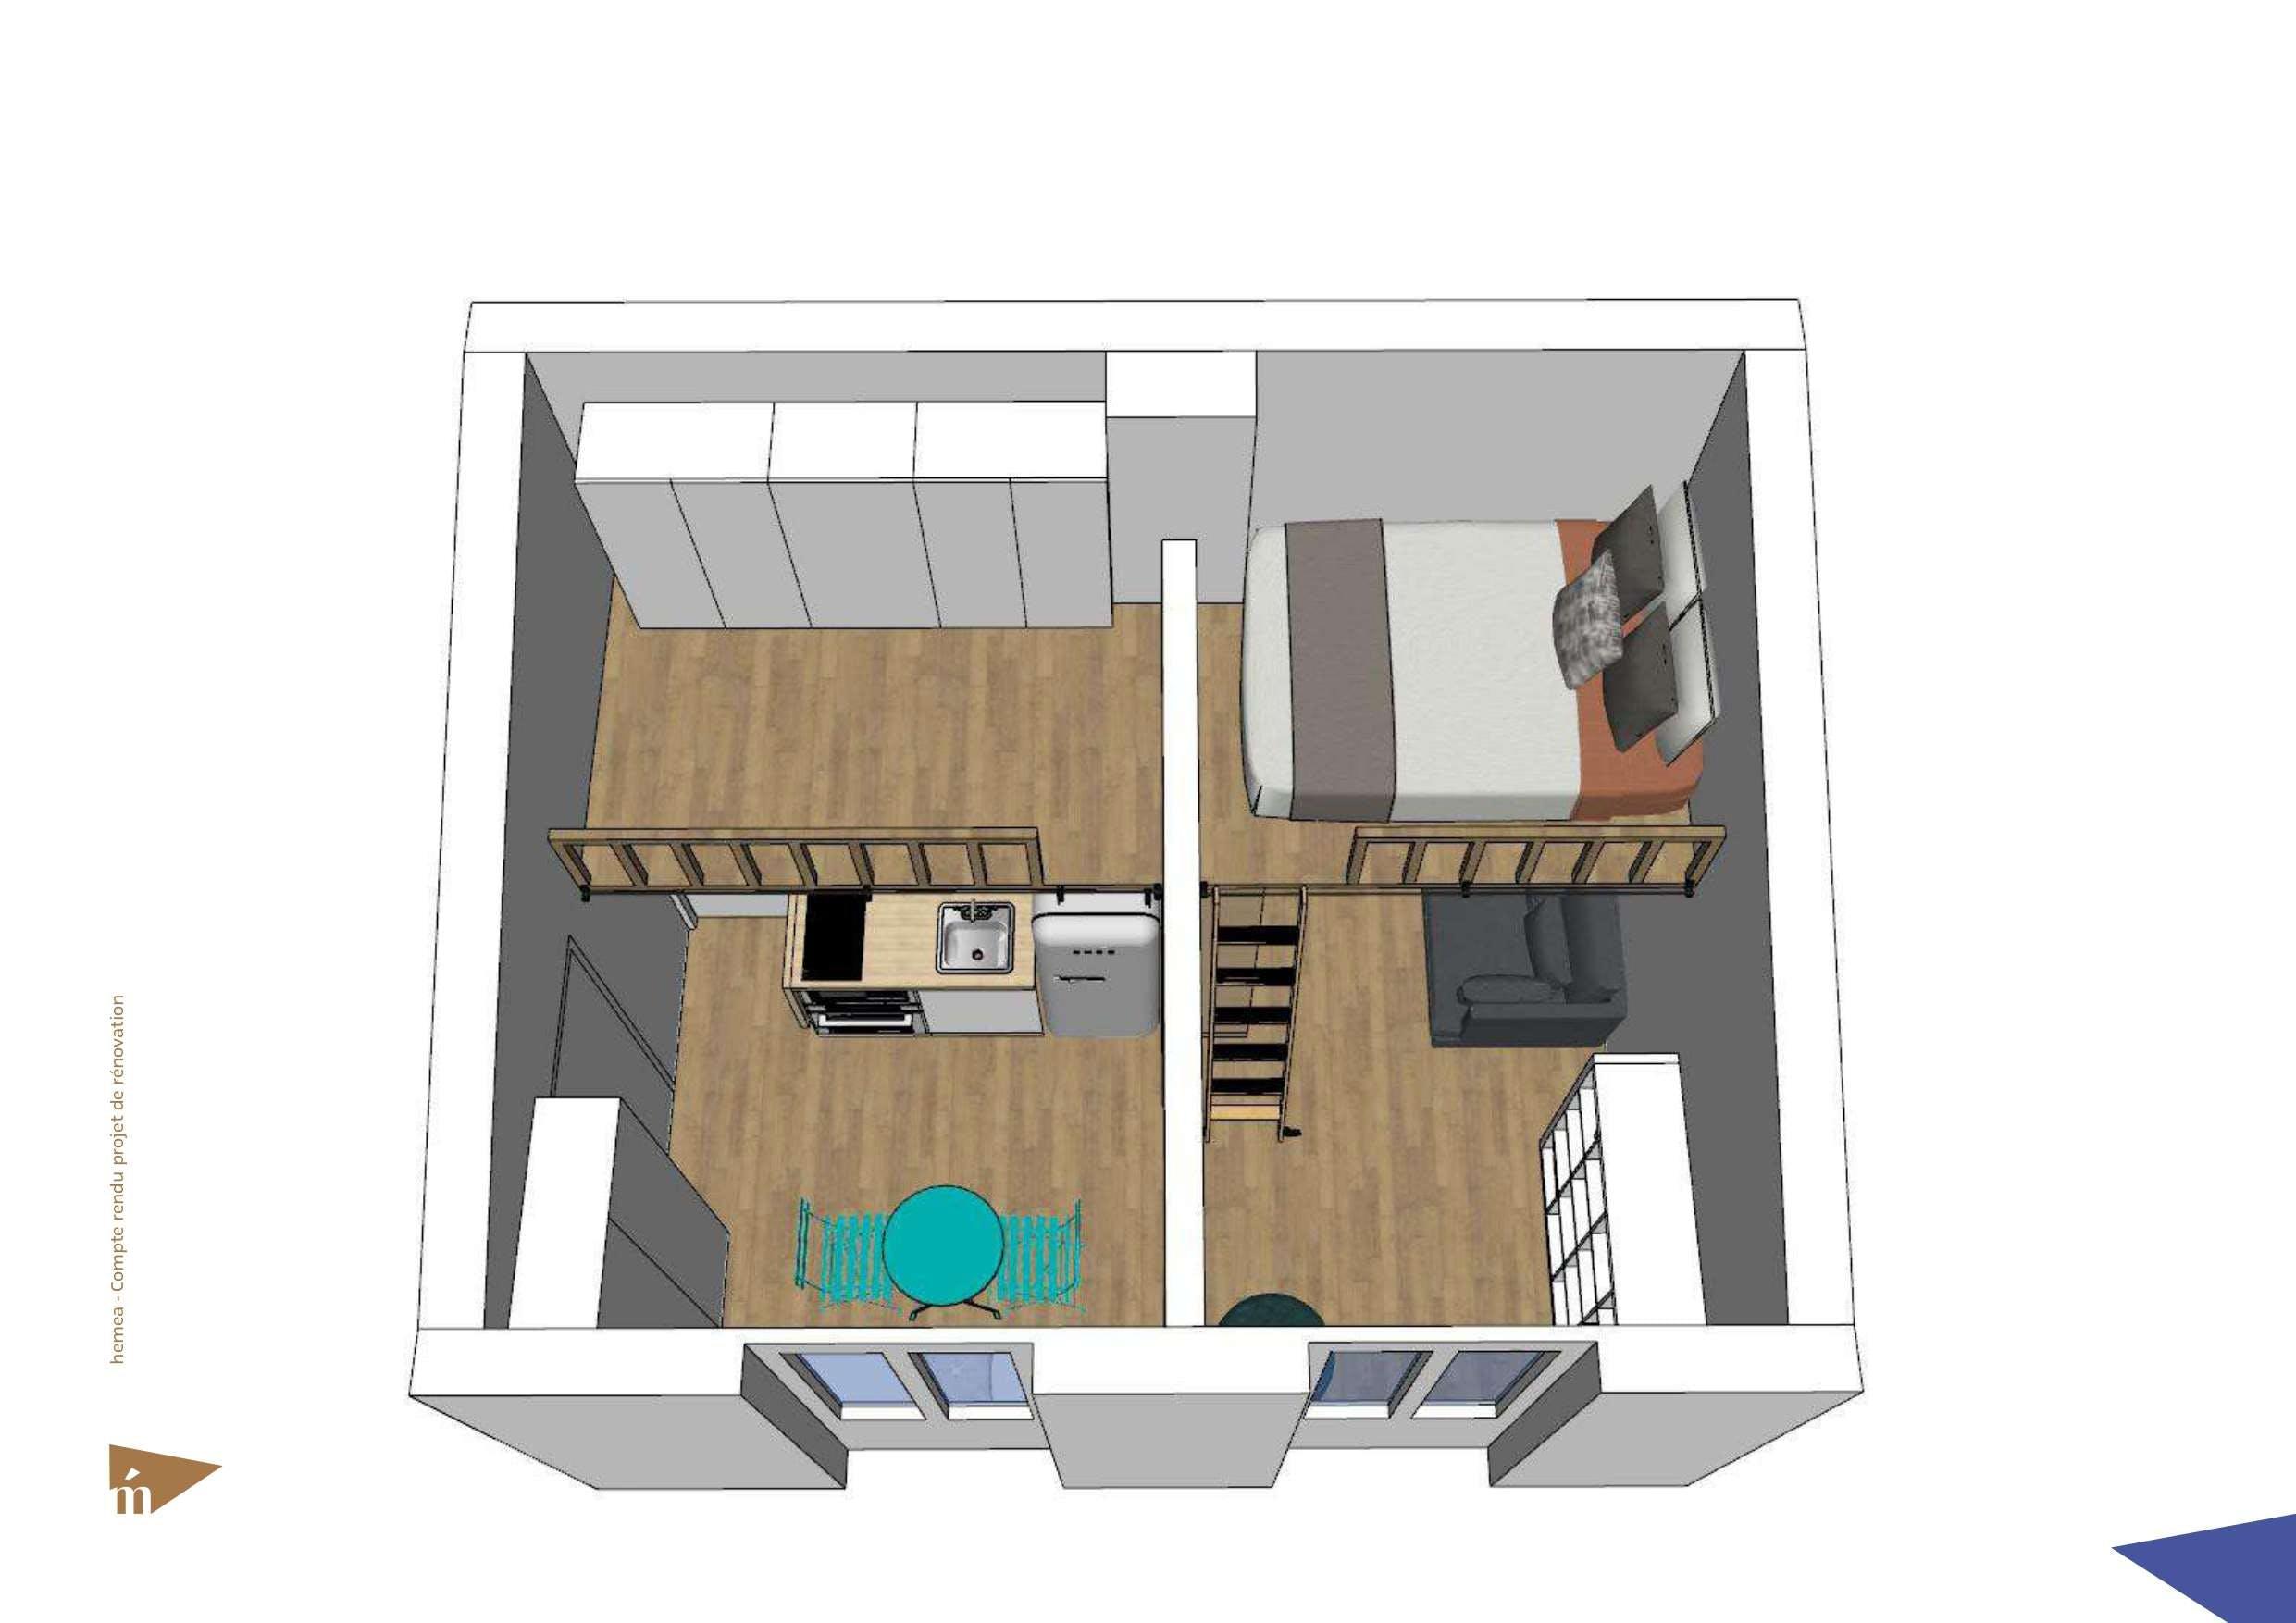 Plan 3D du studio vue d'en haut + niveau 2 mezzanine